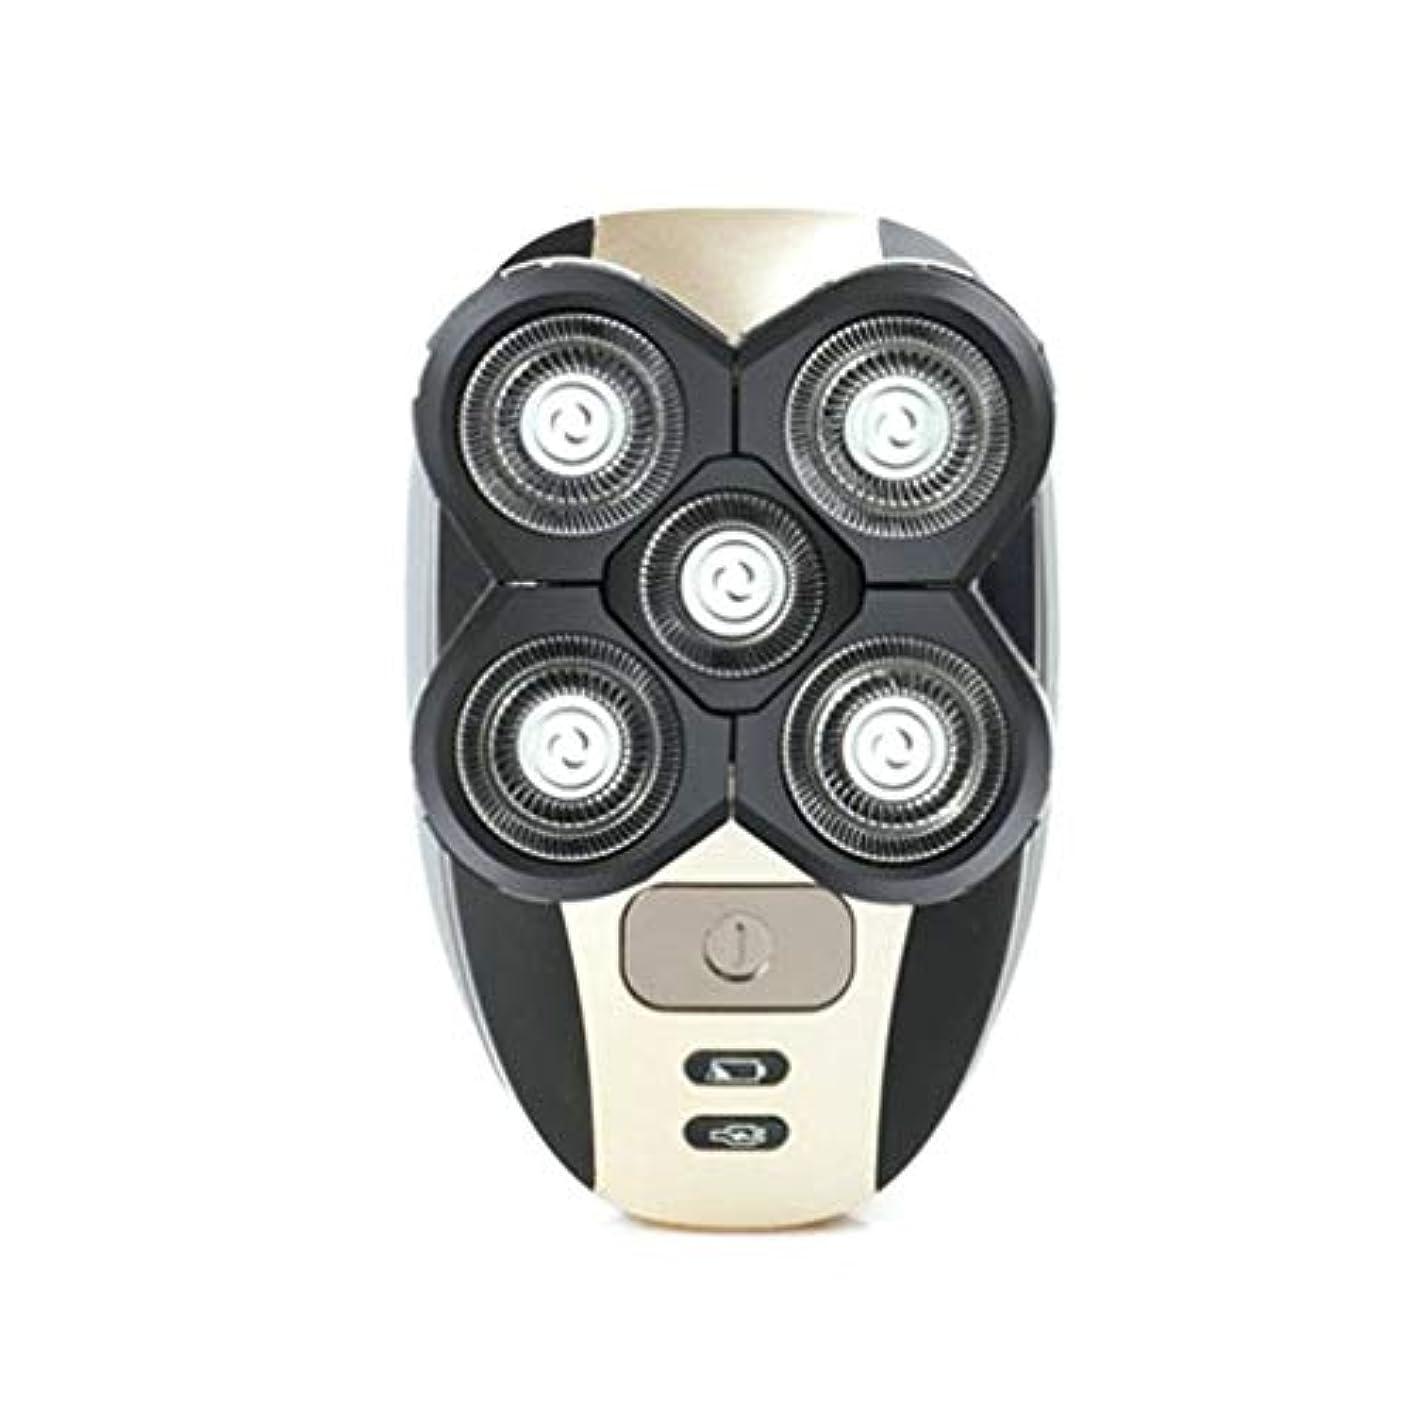 ケージ噴水メンズヘッドカミソリシェーバー電気充電式防水ボールドヘッドシェービングマシンフェイスケアツールEUタイプファイブフローティングヘッド